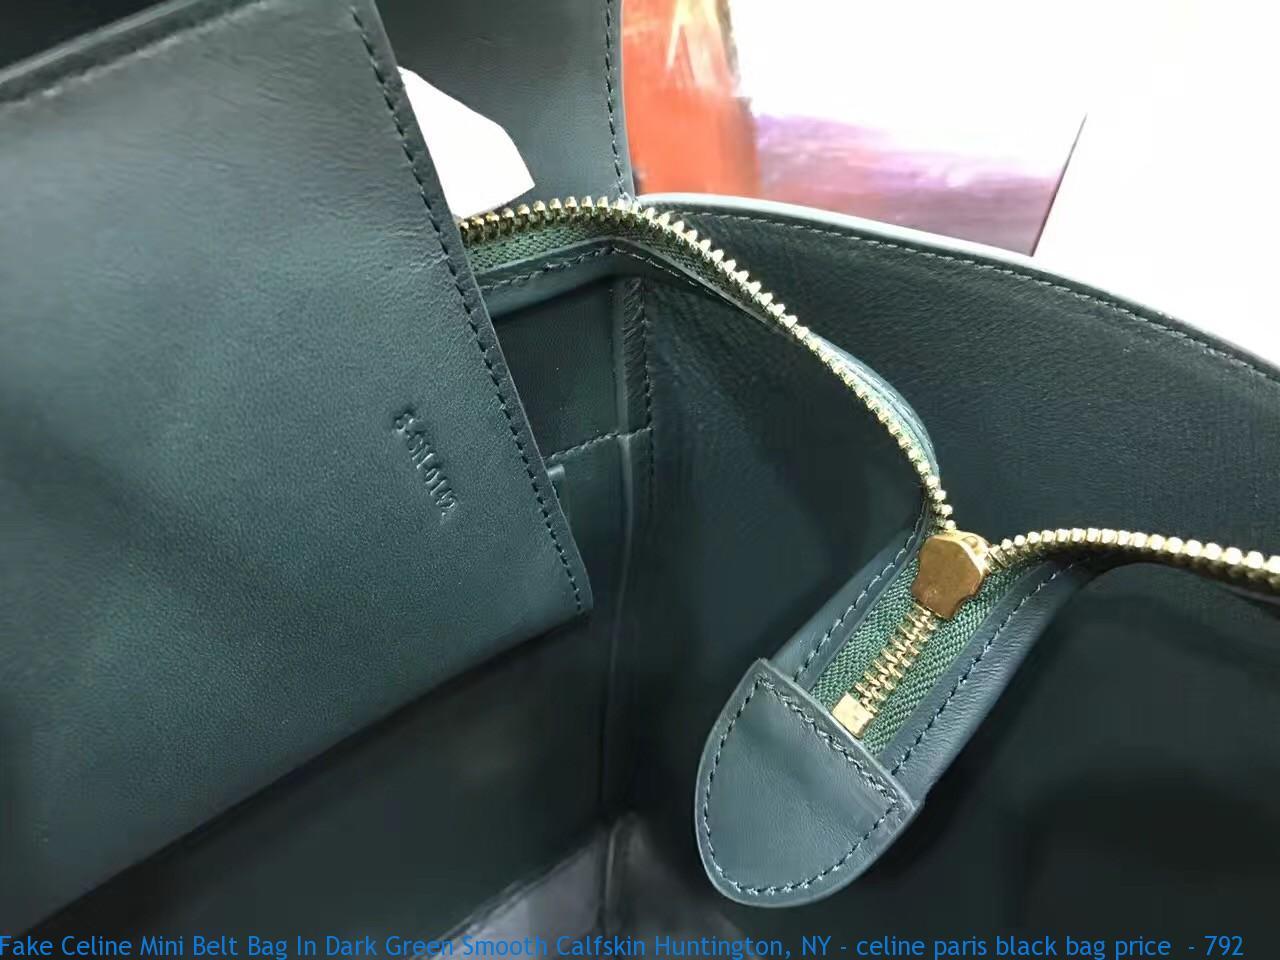 Fake Celine Mini Belt Bag In Dark Green Smooth Calfskin Huntington Ny Celine Paris Black Bag Price 792 Celine Bag Replica Buy Fake Celine Bags Online Replicacelinesim